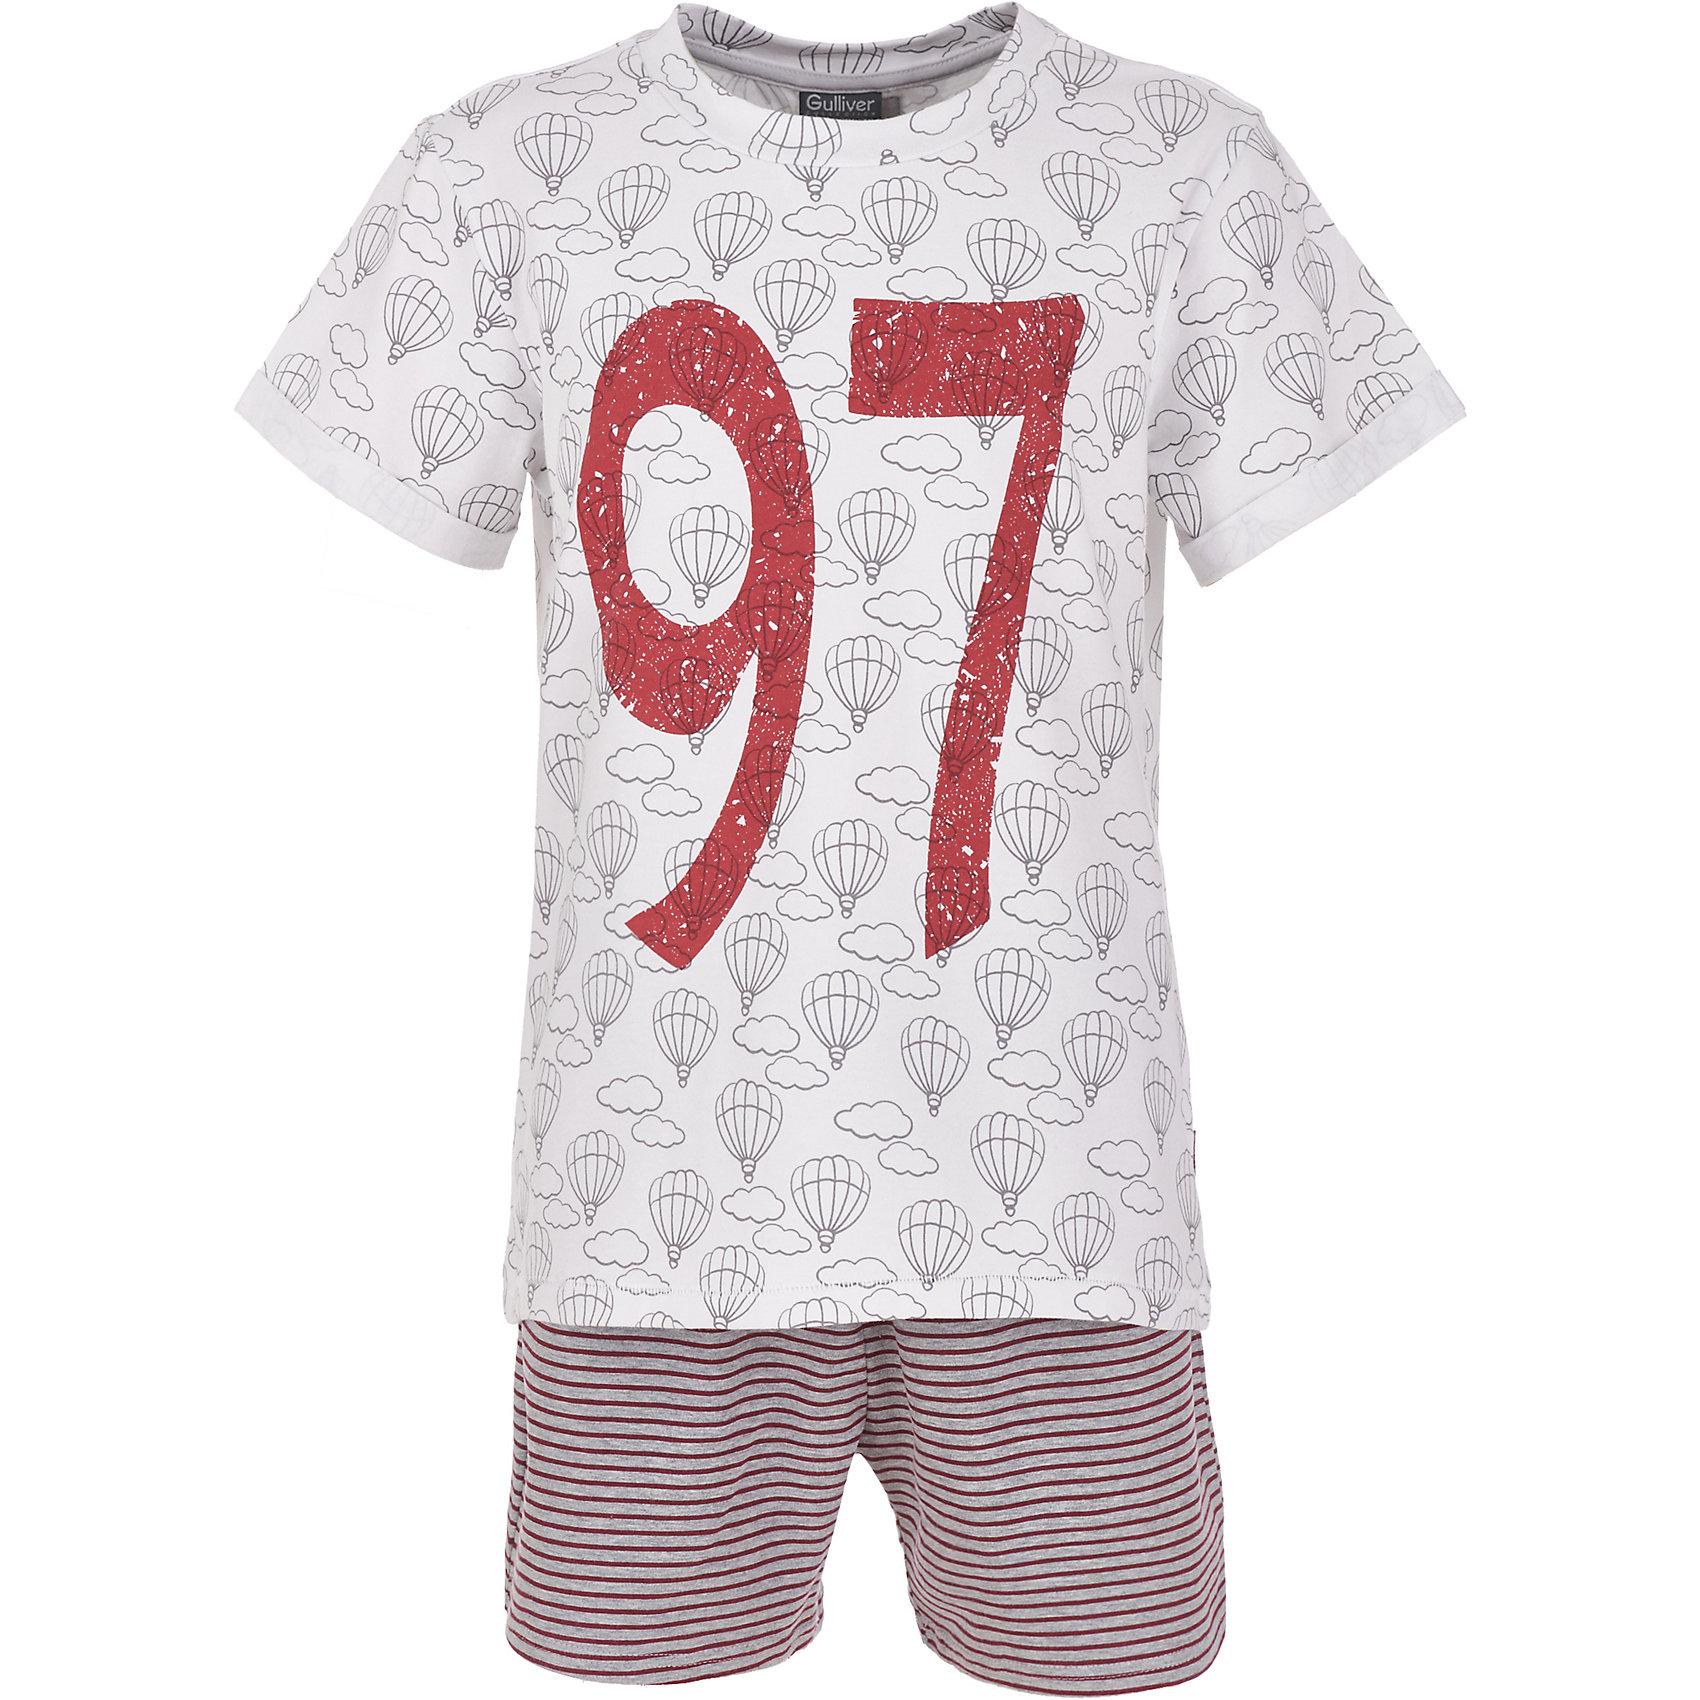 Пижама Gulliver для мальчикаПижамы и сорочки<br>Пижама Gulliver для мальчика<br>Белье для мальчика должно быть красивым и качественным! - учить ребенка этому важному правилу лучше не на словах, а подтверждая его своими поступками. Пижама для мальчика с оригинальным принтом - прекрасное решение для интересной вечерней сказки, комфортного сна и счастливого пробуждения. Мягкая, нежная, с ненавязчивым мелким рисунком и изящными деталями, детская пижама от Gulliver подчеркнет уютную домашнюю атмосферу и создаст отличное настроение.<br>Состав:<br>95% хлопок        5% эластан<br><br>Ширина мм: 281<br>Глубина мм: 70<br>Высота мм: 188<br>Вес г: 295<br>Цвет: белый<br>Возраст от месяцев: 144<br>Возраст до месяцев: 156<br>Пол: Мужской<br>Возраст: Детский<br>Размер: 158,98,110,122,134,146<br>SKU: 7078134